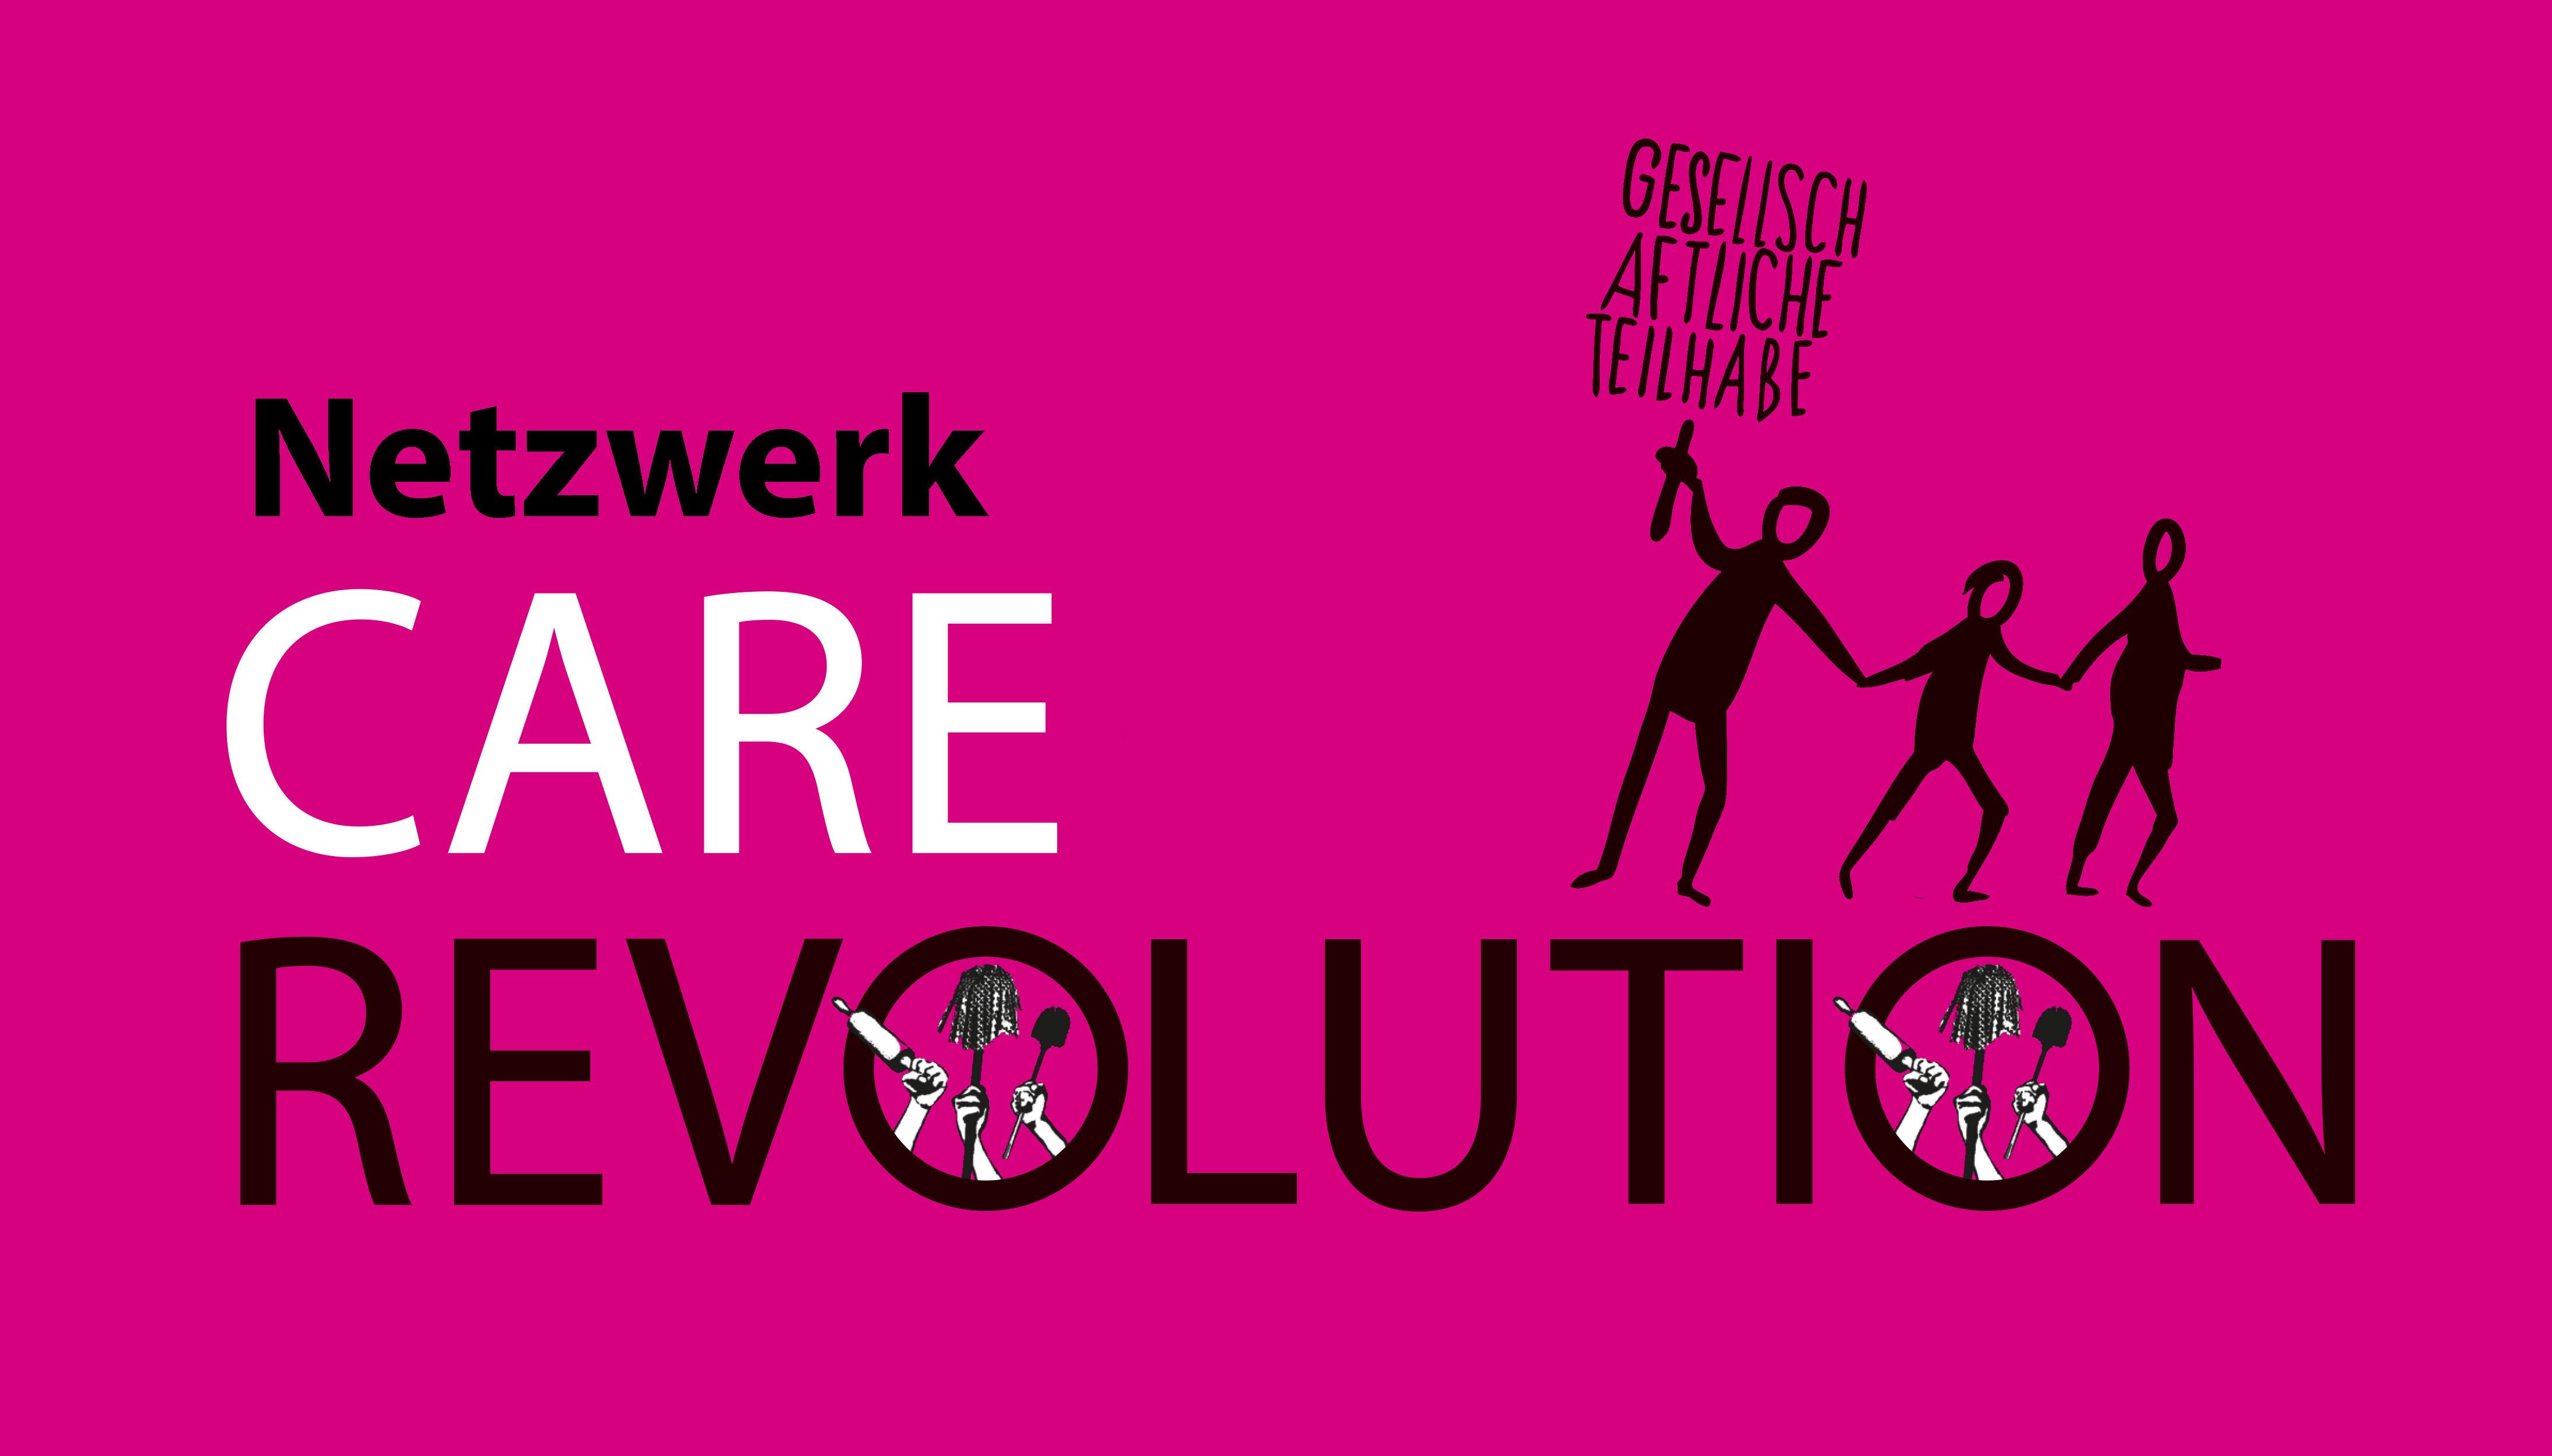 Netzwerk Care Revolution